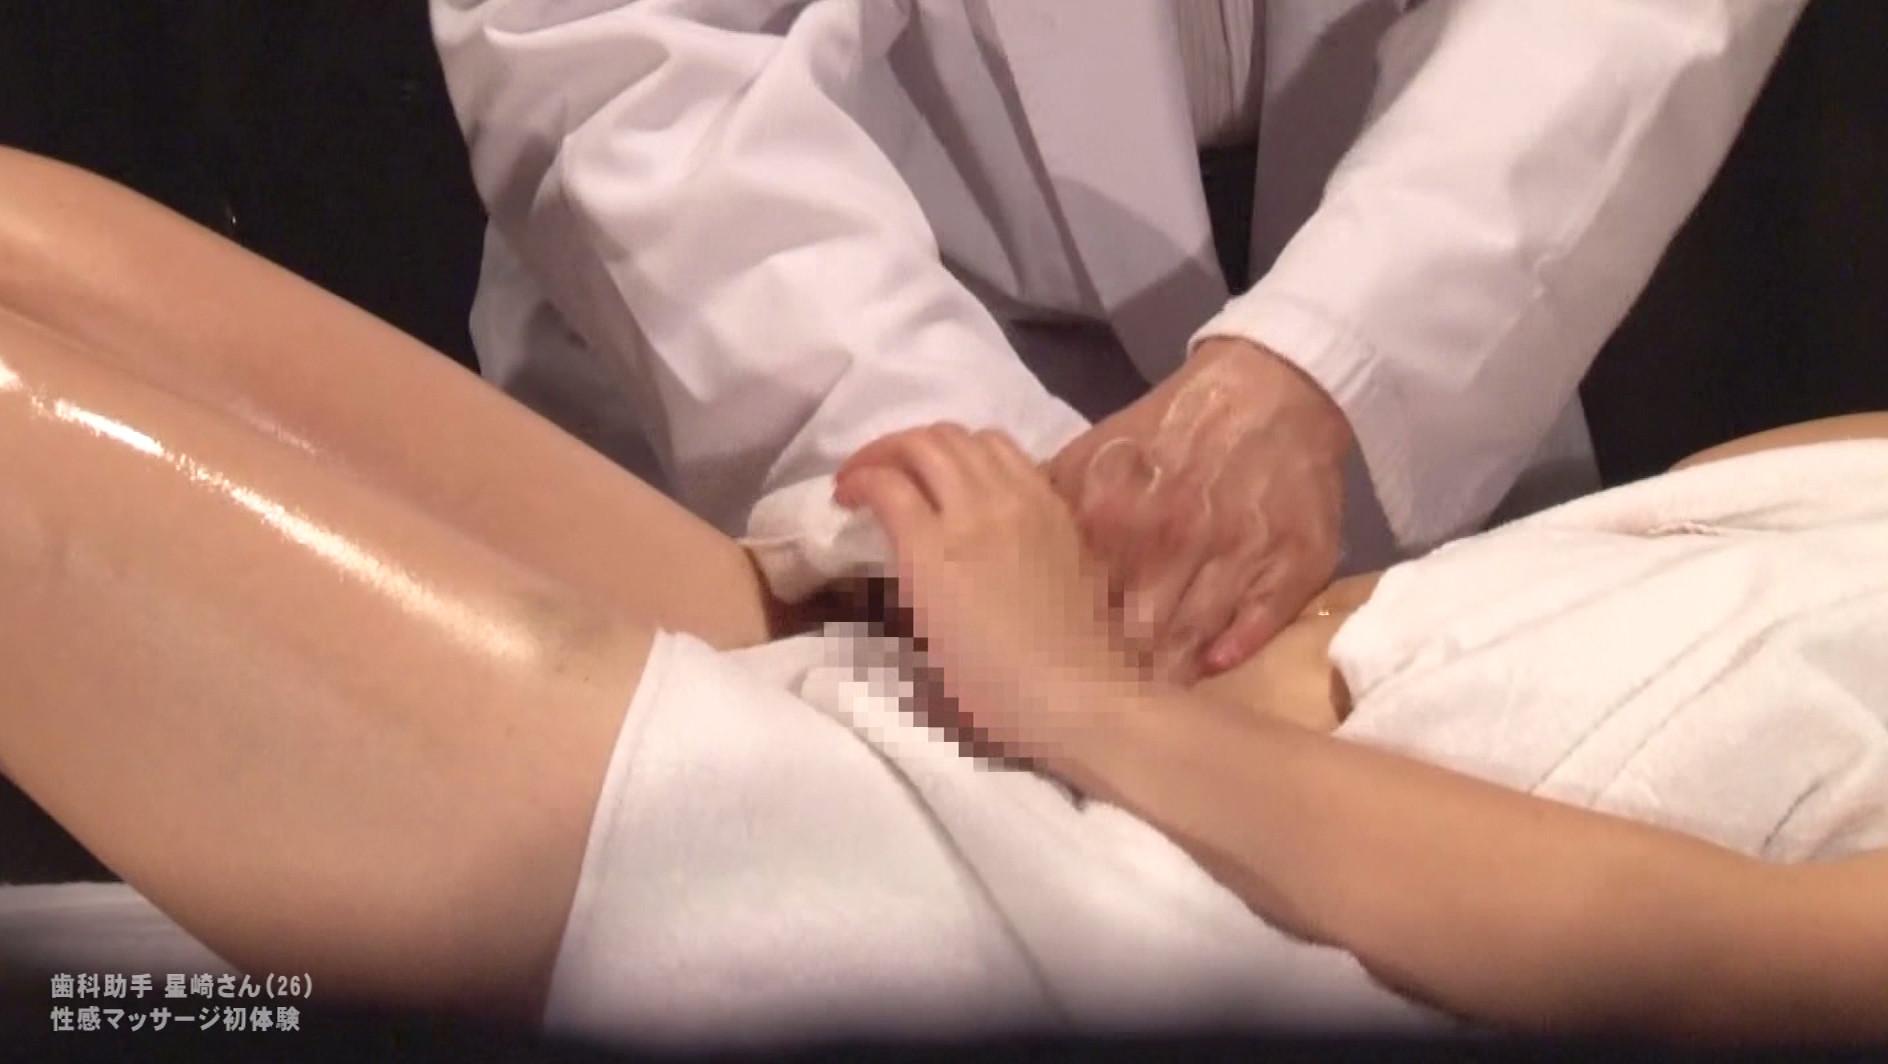 かわいい歯科助手のお姉さんを性感マッサージでとことんイカせてみた 画像19